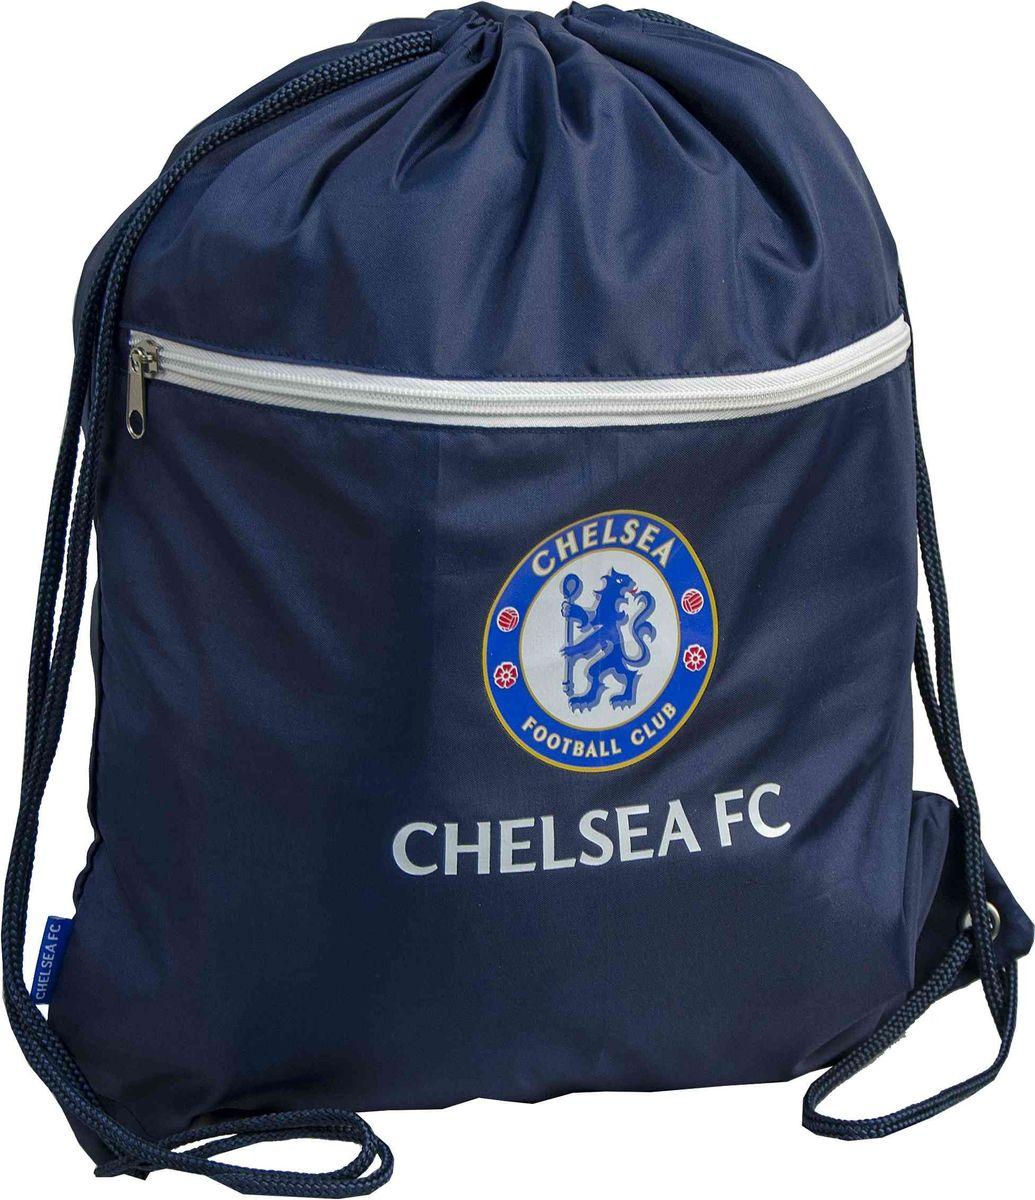 Мешок универсальный Atributika & Club Chelsea, цвет: синий, 20 л. 09105J30J304671Мешок Atributika & Club выполнен из 100% полиэстера. Он выполняет функции рюкзака, благодаря плечевым лямкам, которые надежно фиксируют изделие у его верхнего основания. Мешок с вышитым логотипом клуба отлично подойдет для сменной обуви или для прочих аксессуаров. Мешок имеет 2 отделения, одно из которых закрывается на молнию.